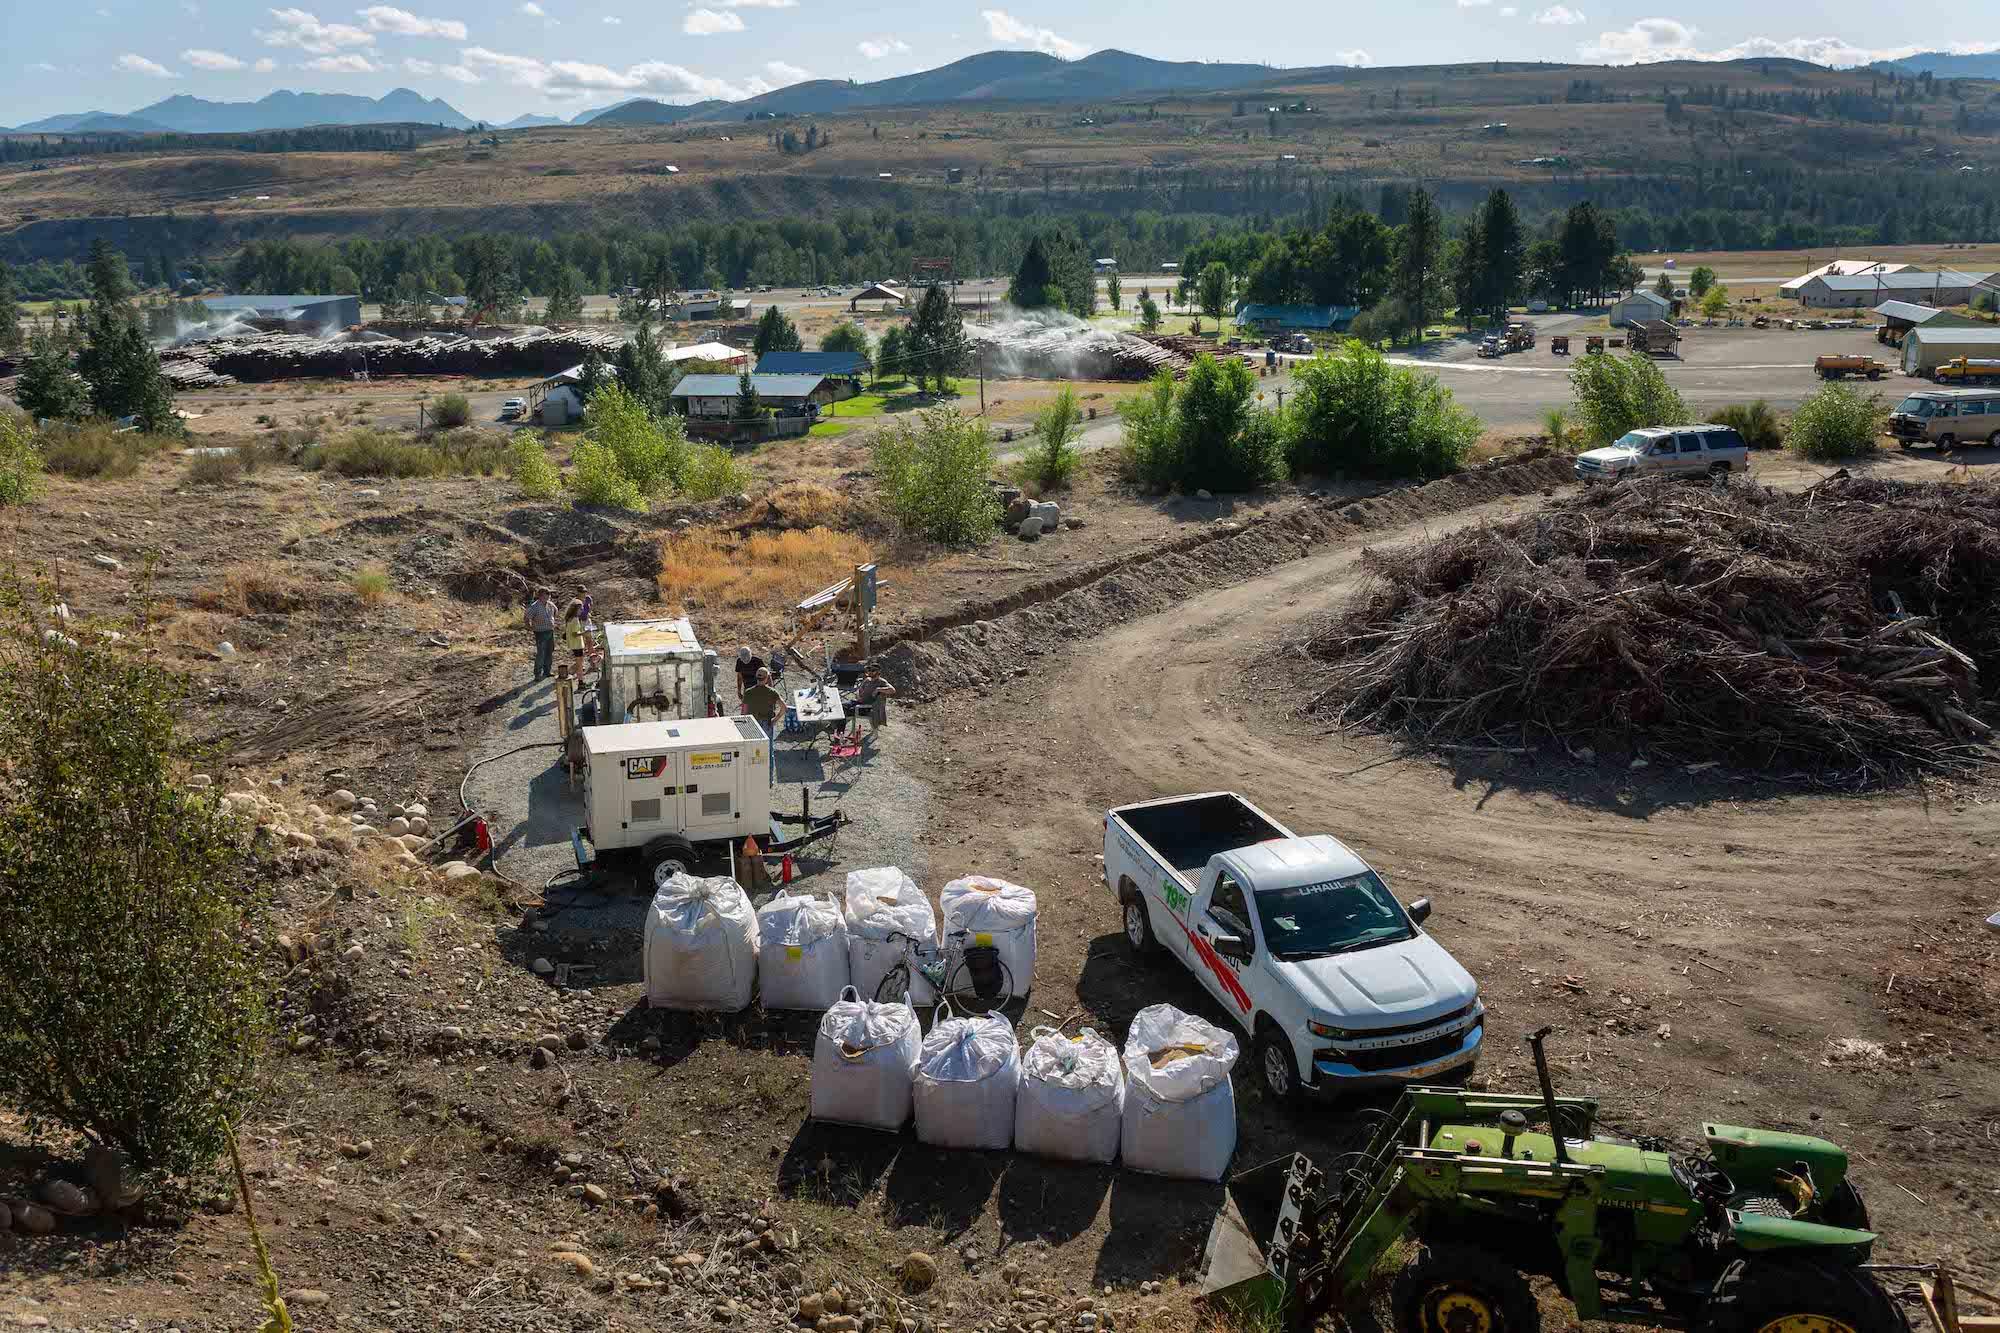 Une camionnette blanche est garée à côté de gros sacs blancs sur le bord d'une route non goudronnée.